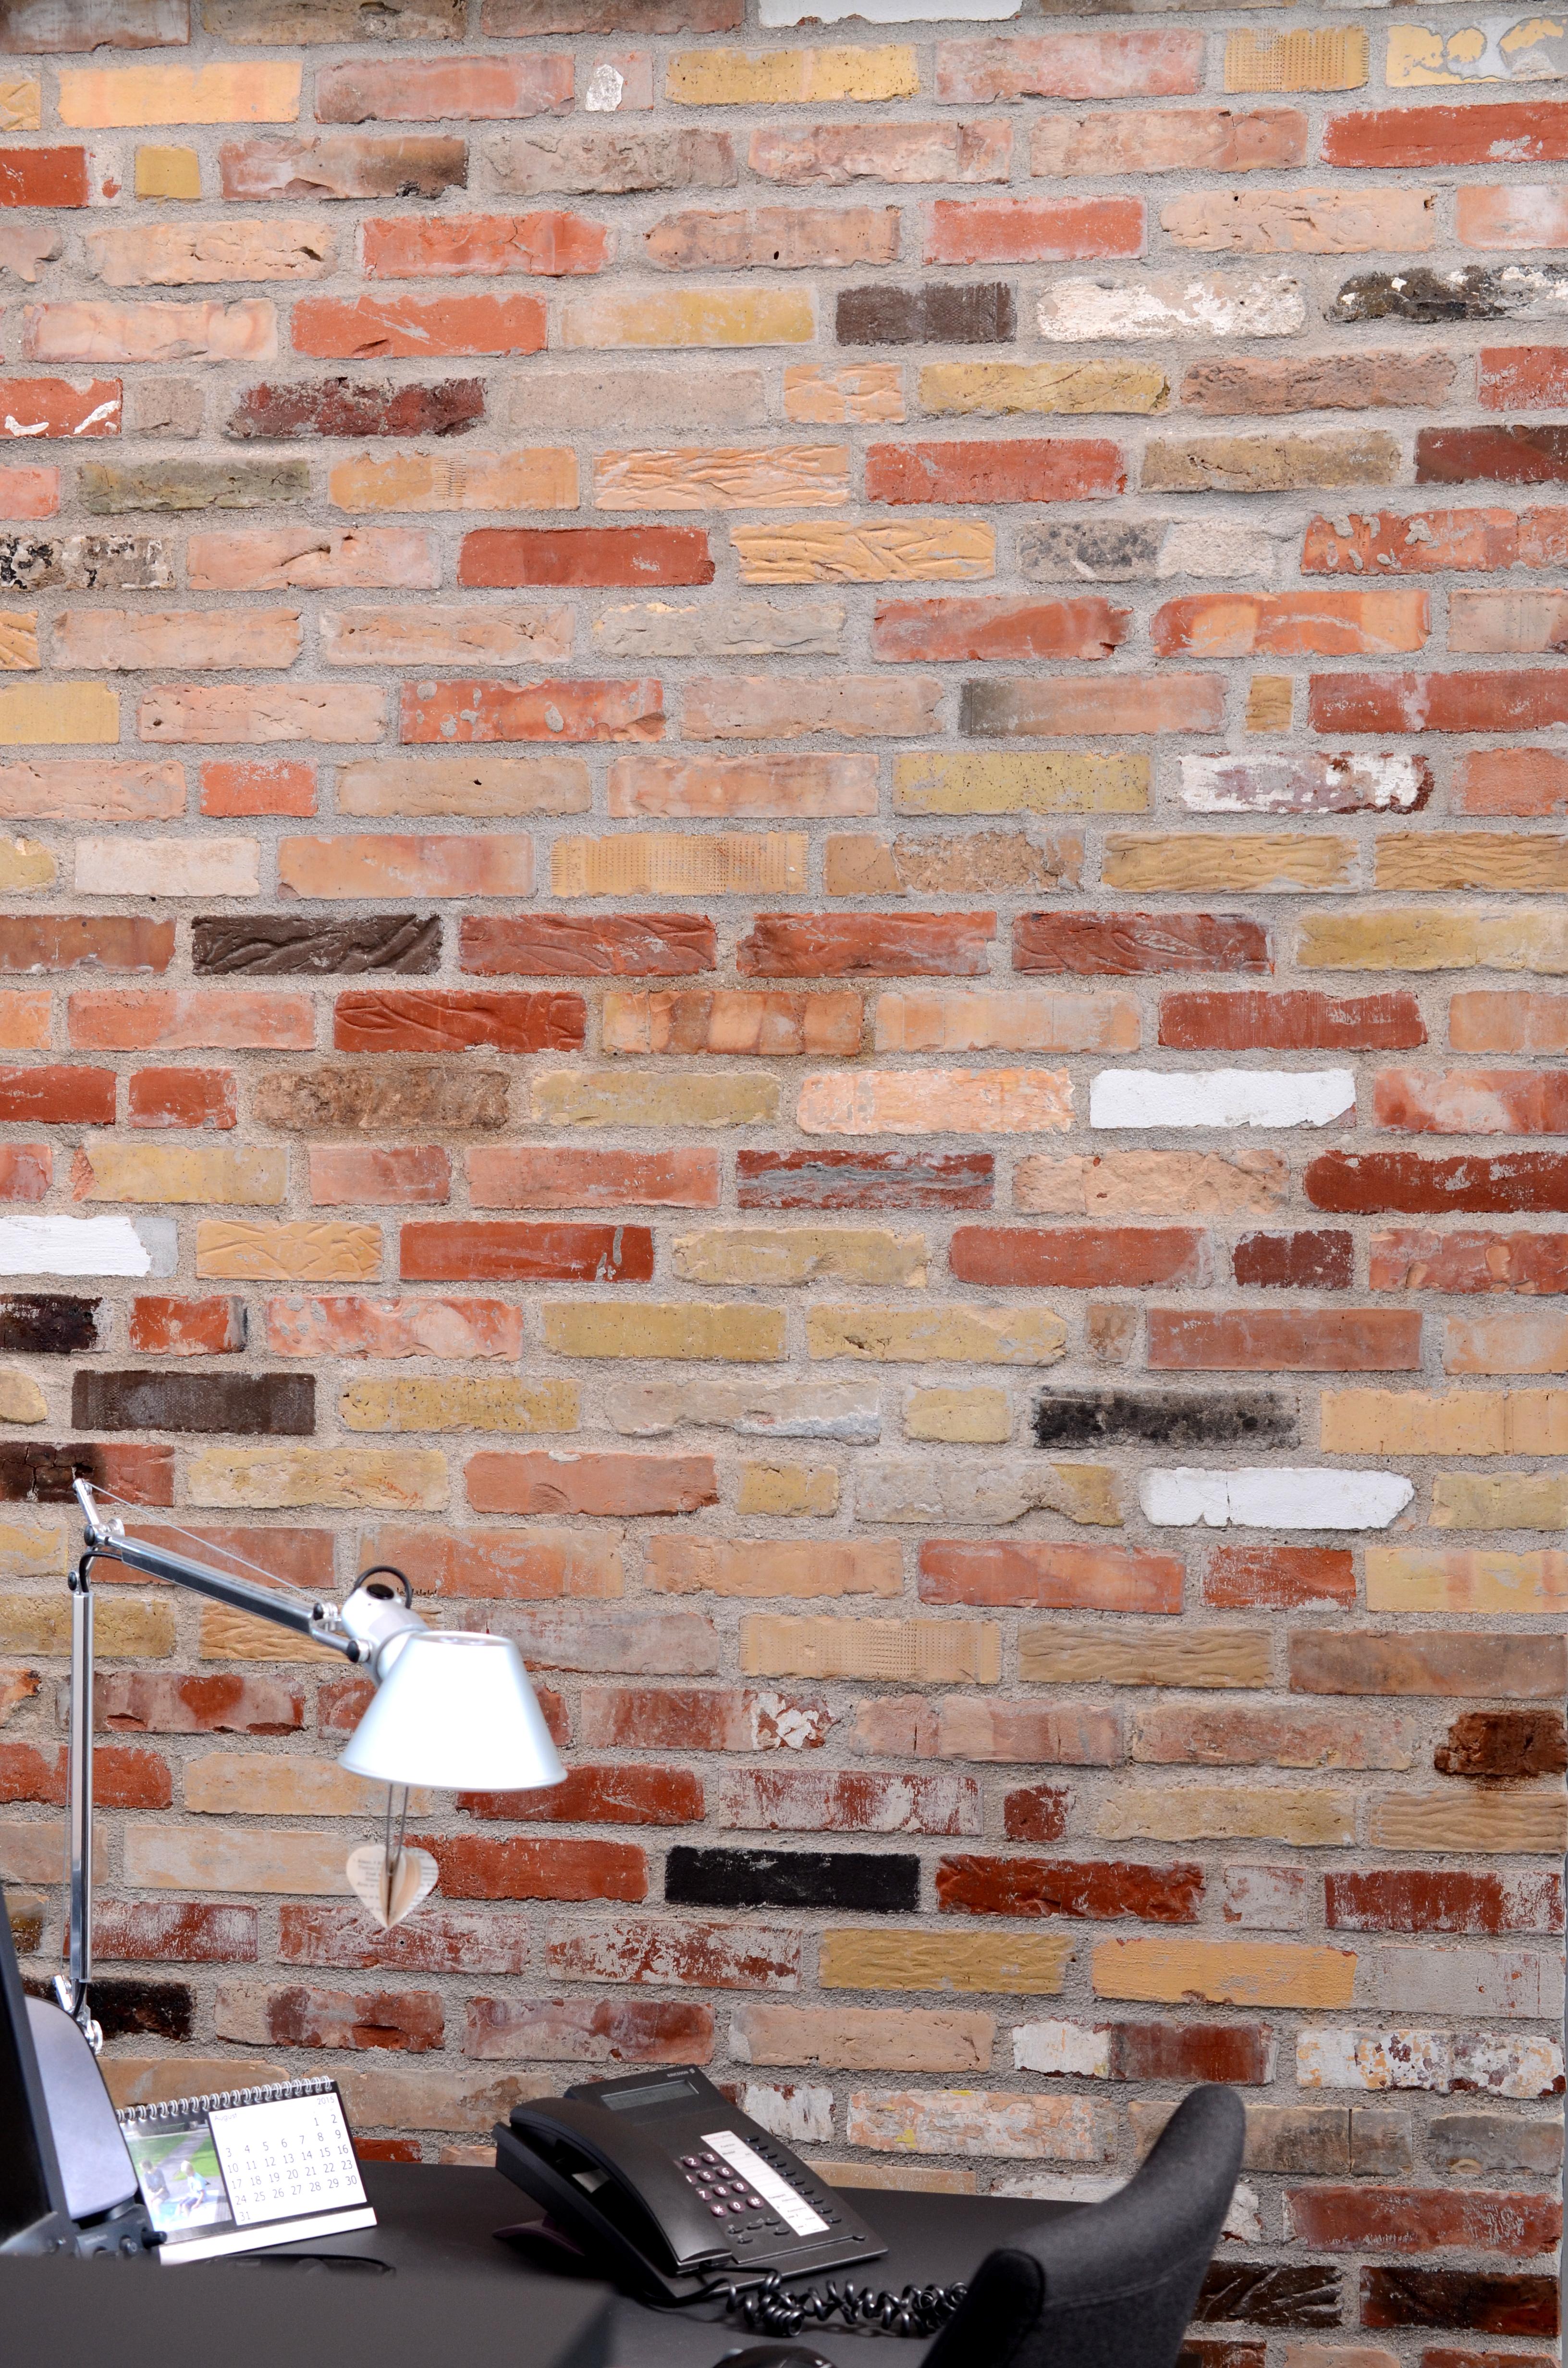 Rundt i bygningerne ses der flotte murstensvægge der er lavet af mursten, som er fundet på AVV og som medarbejdere ligeledes har bidraget med.